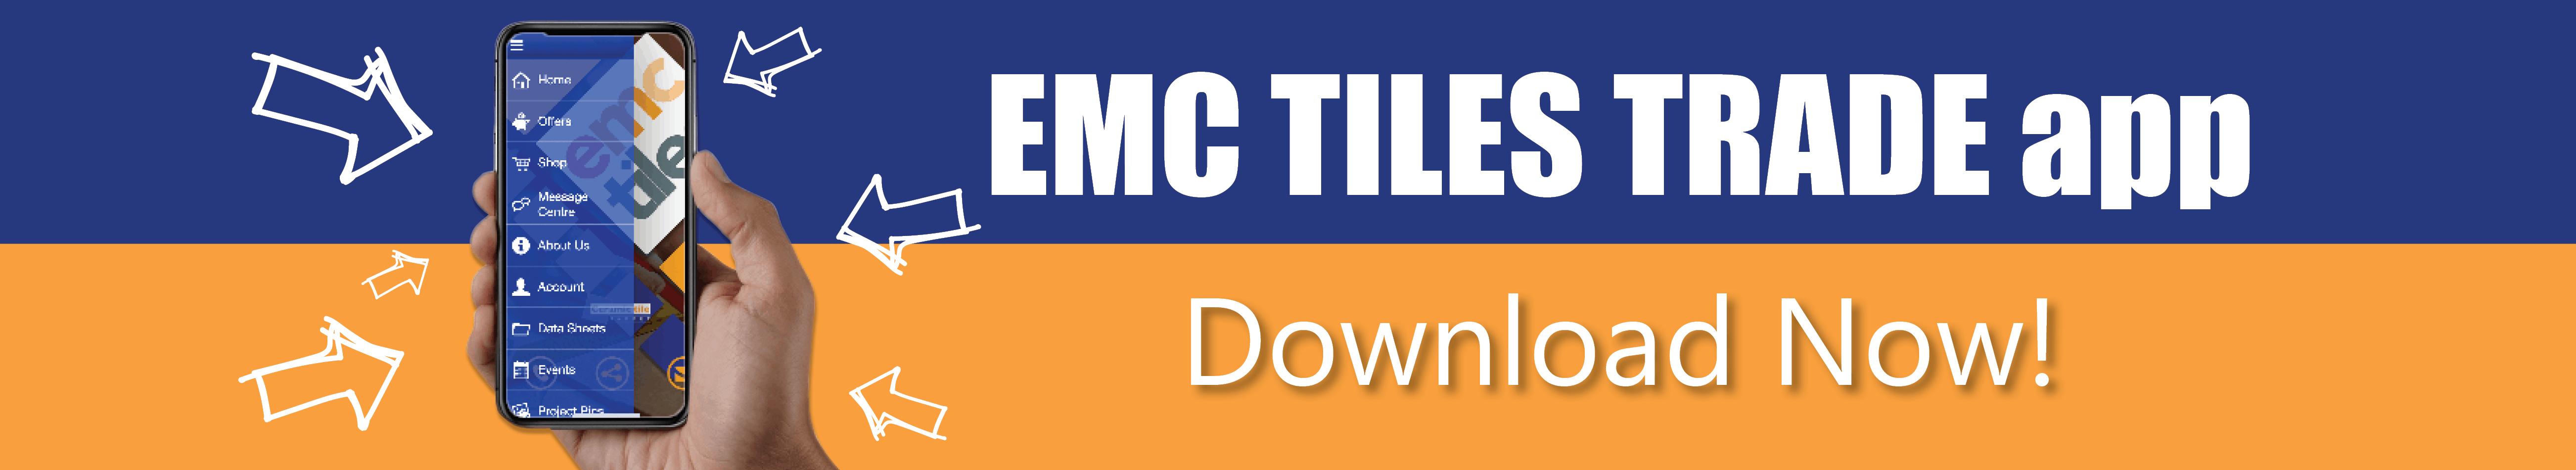 emc tiles trade app download now